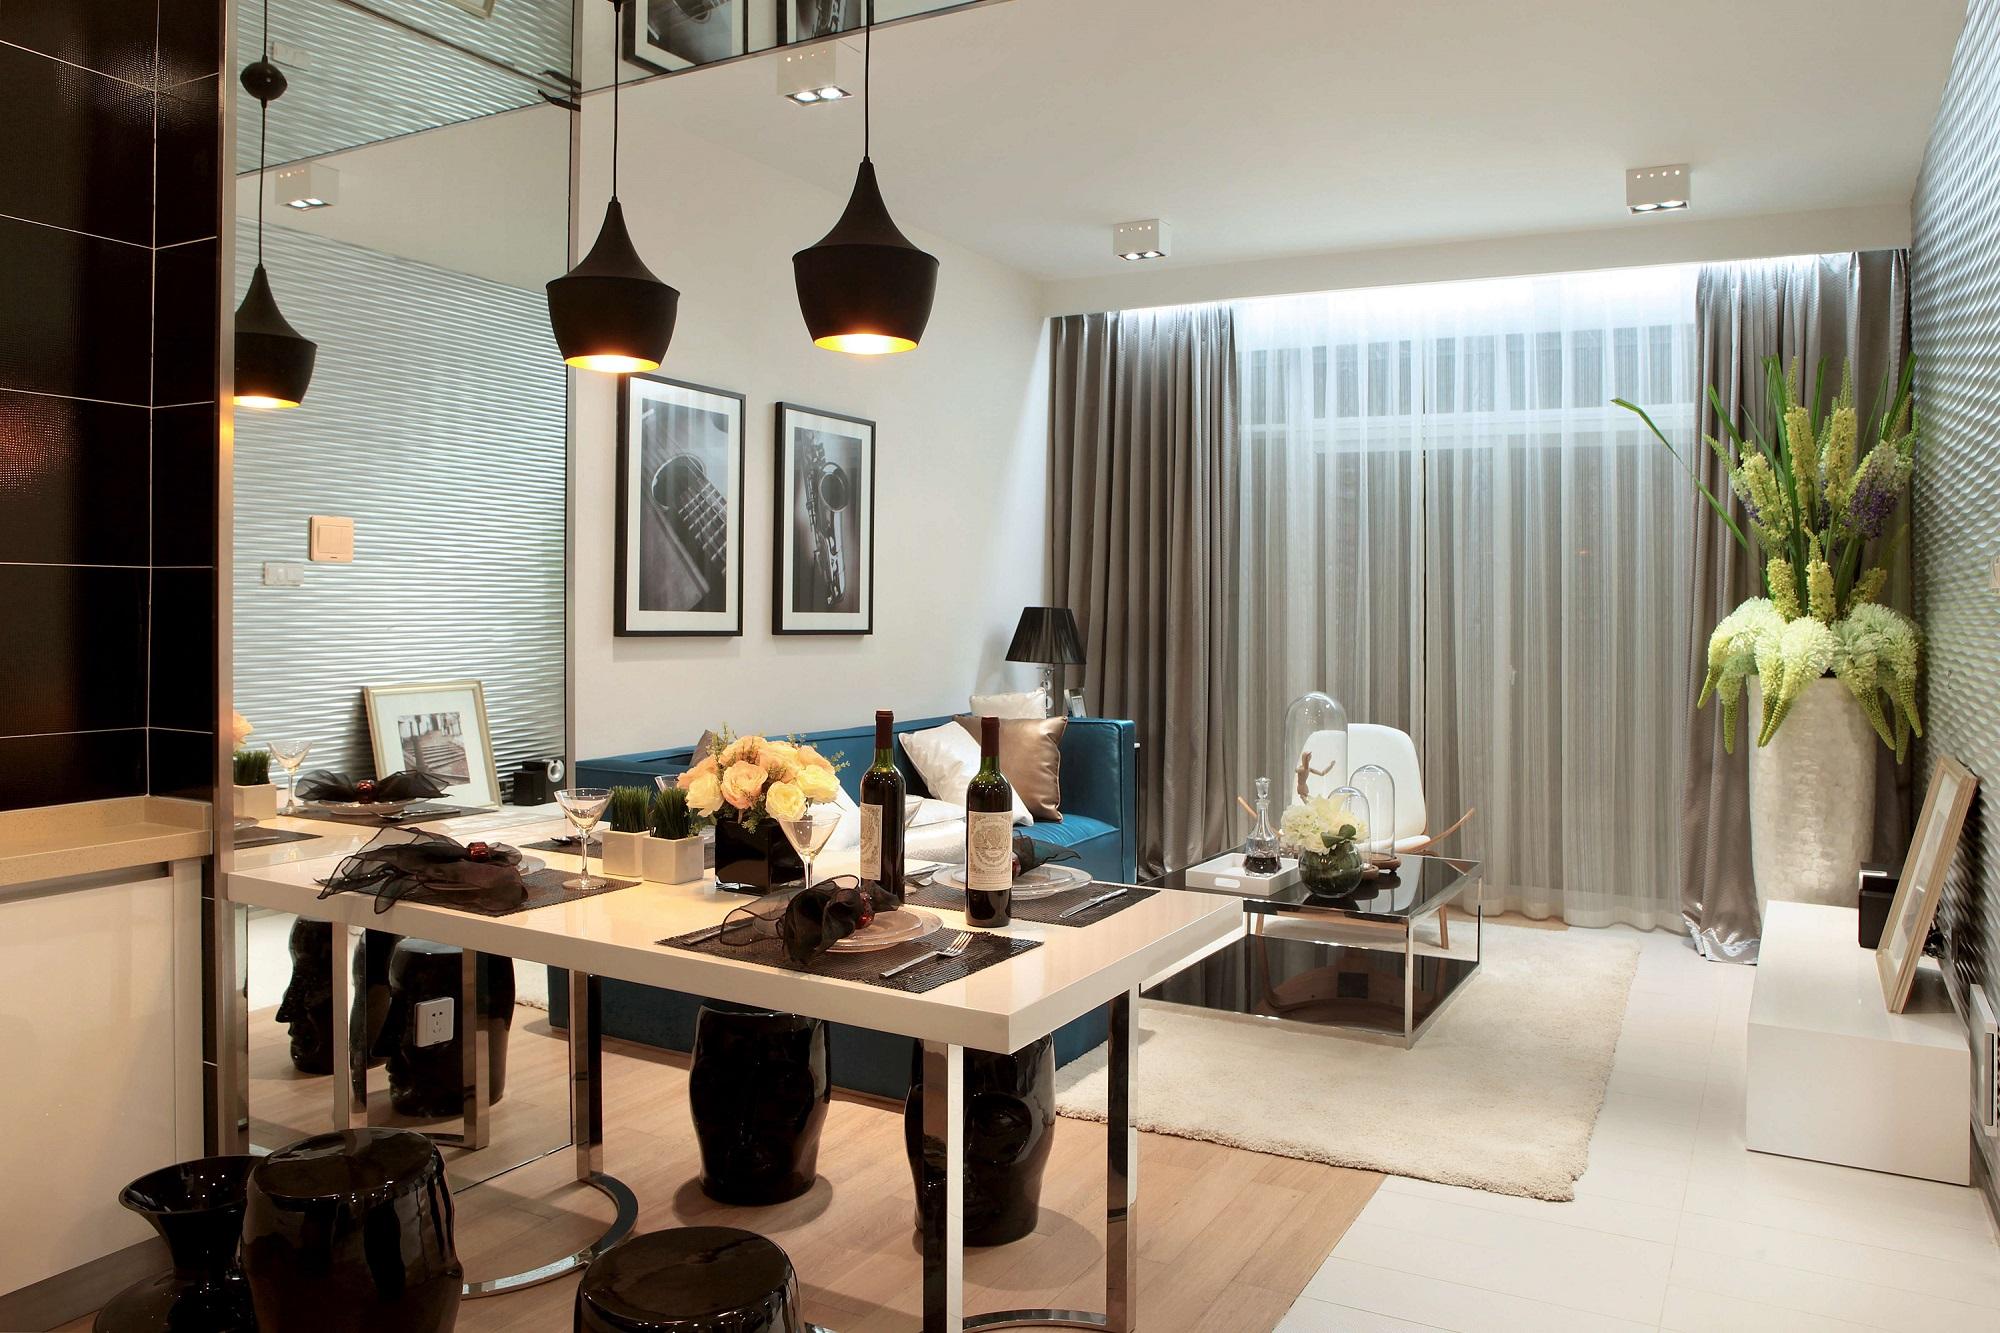 餐厅位于客厅的左侧方,棱角分明的餐桌、圆润的凳子,整体通过软装的点缀来展现出优雅、浪漫感。